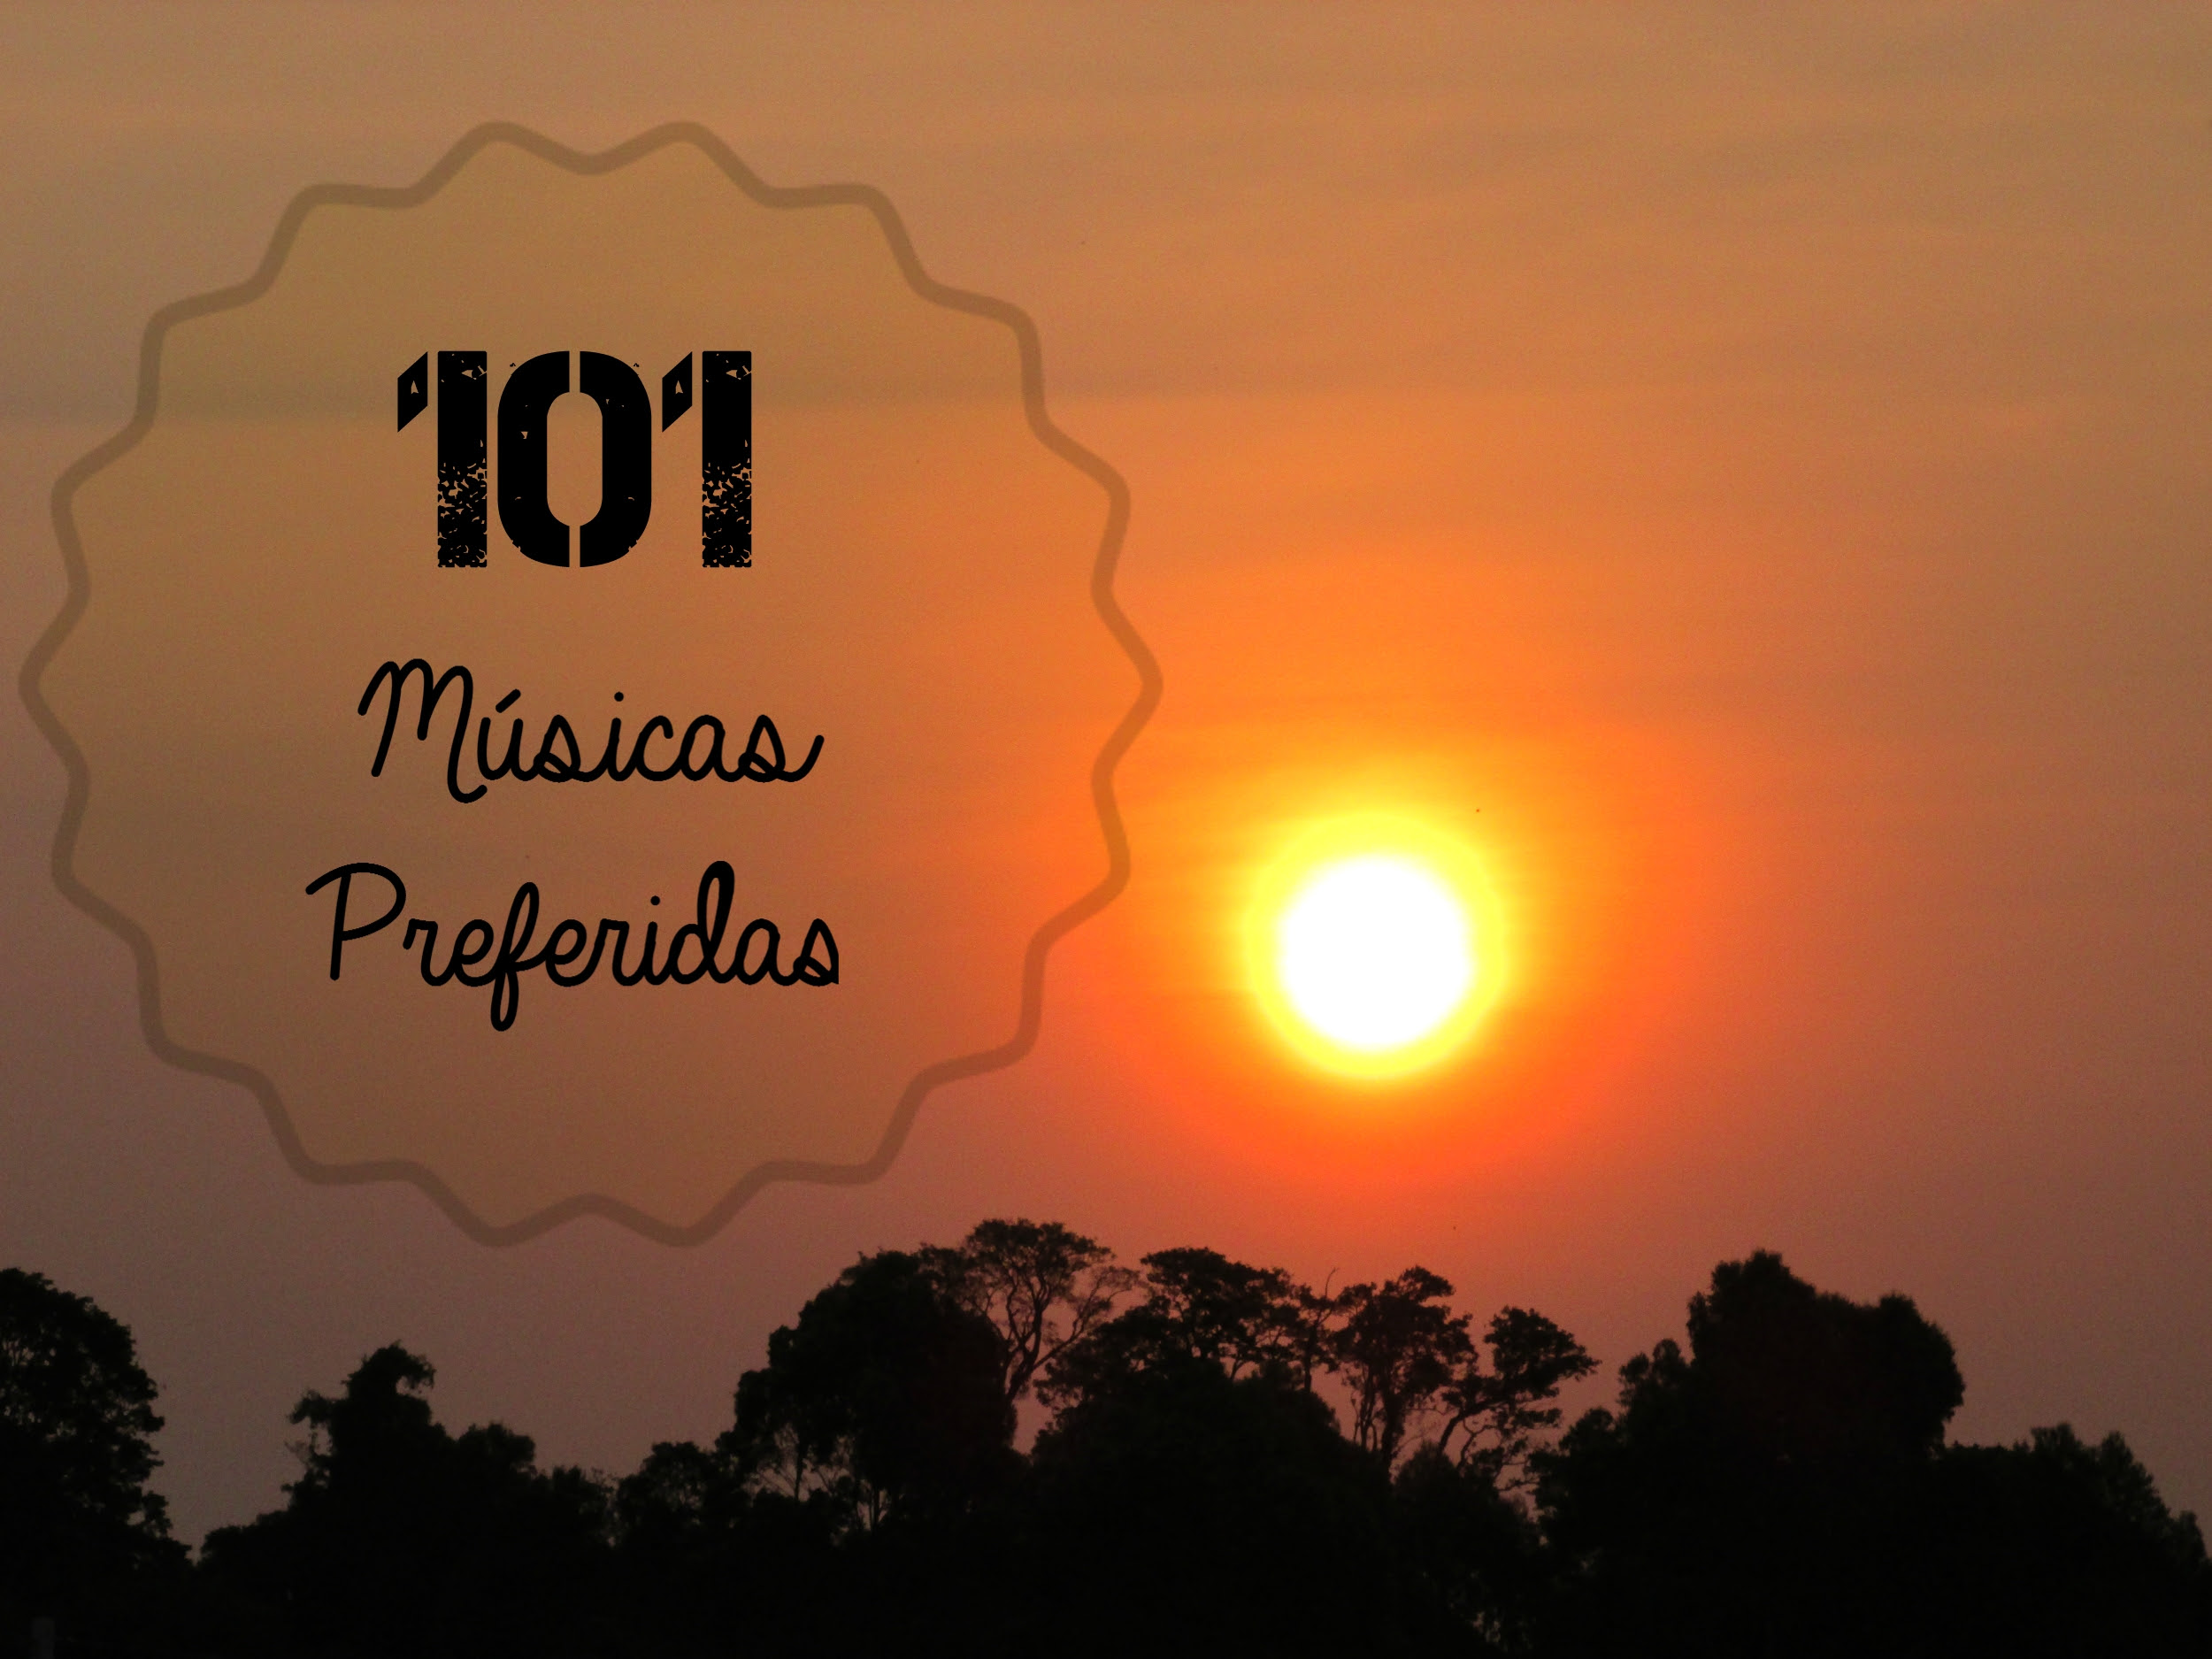 101-musicas-preferidas-dama-turquesa